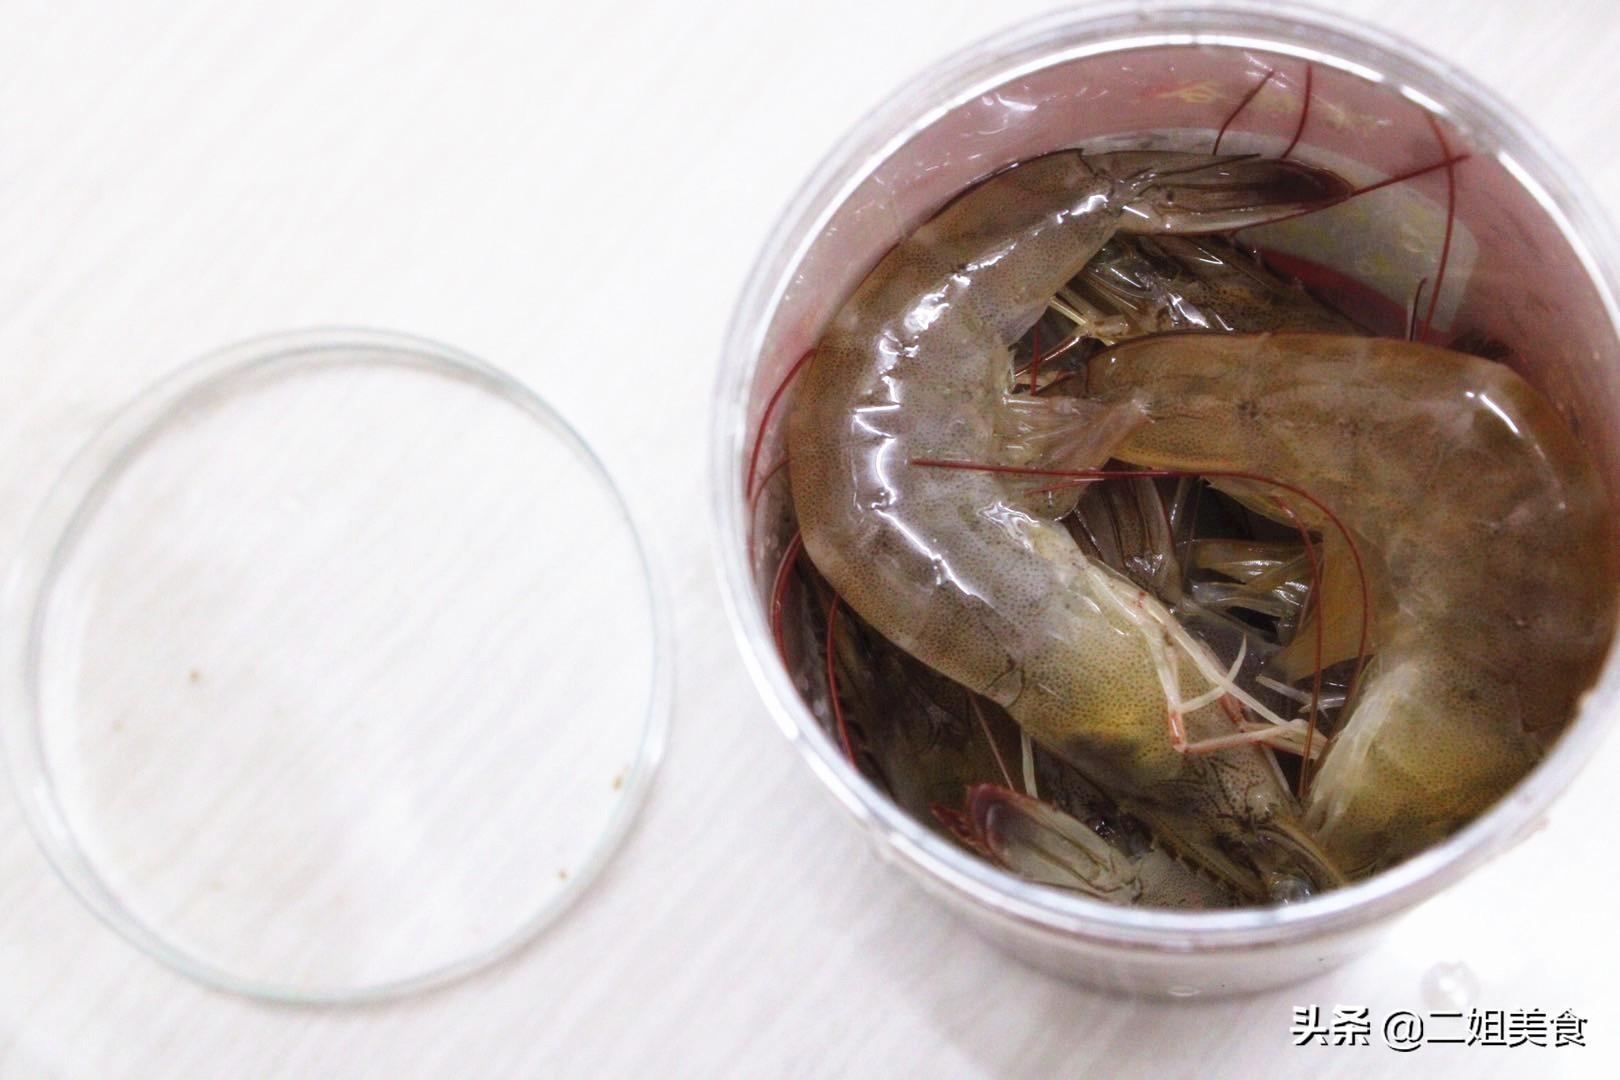 保存大蝦,直接放冰箱是錯的! 老漁民教您一招,和剛買的一樣新鮮